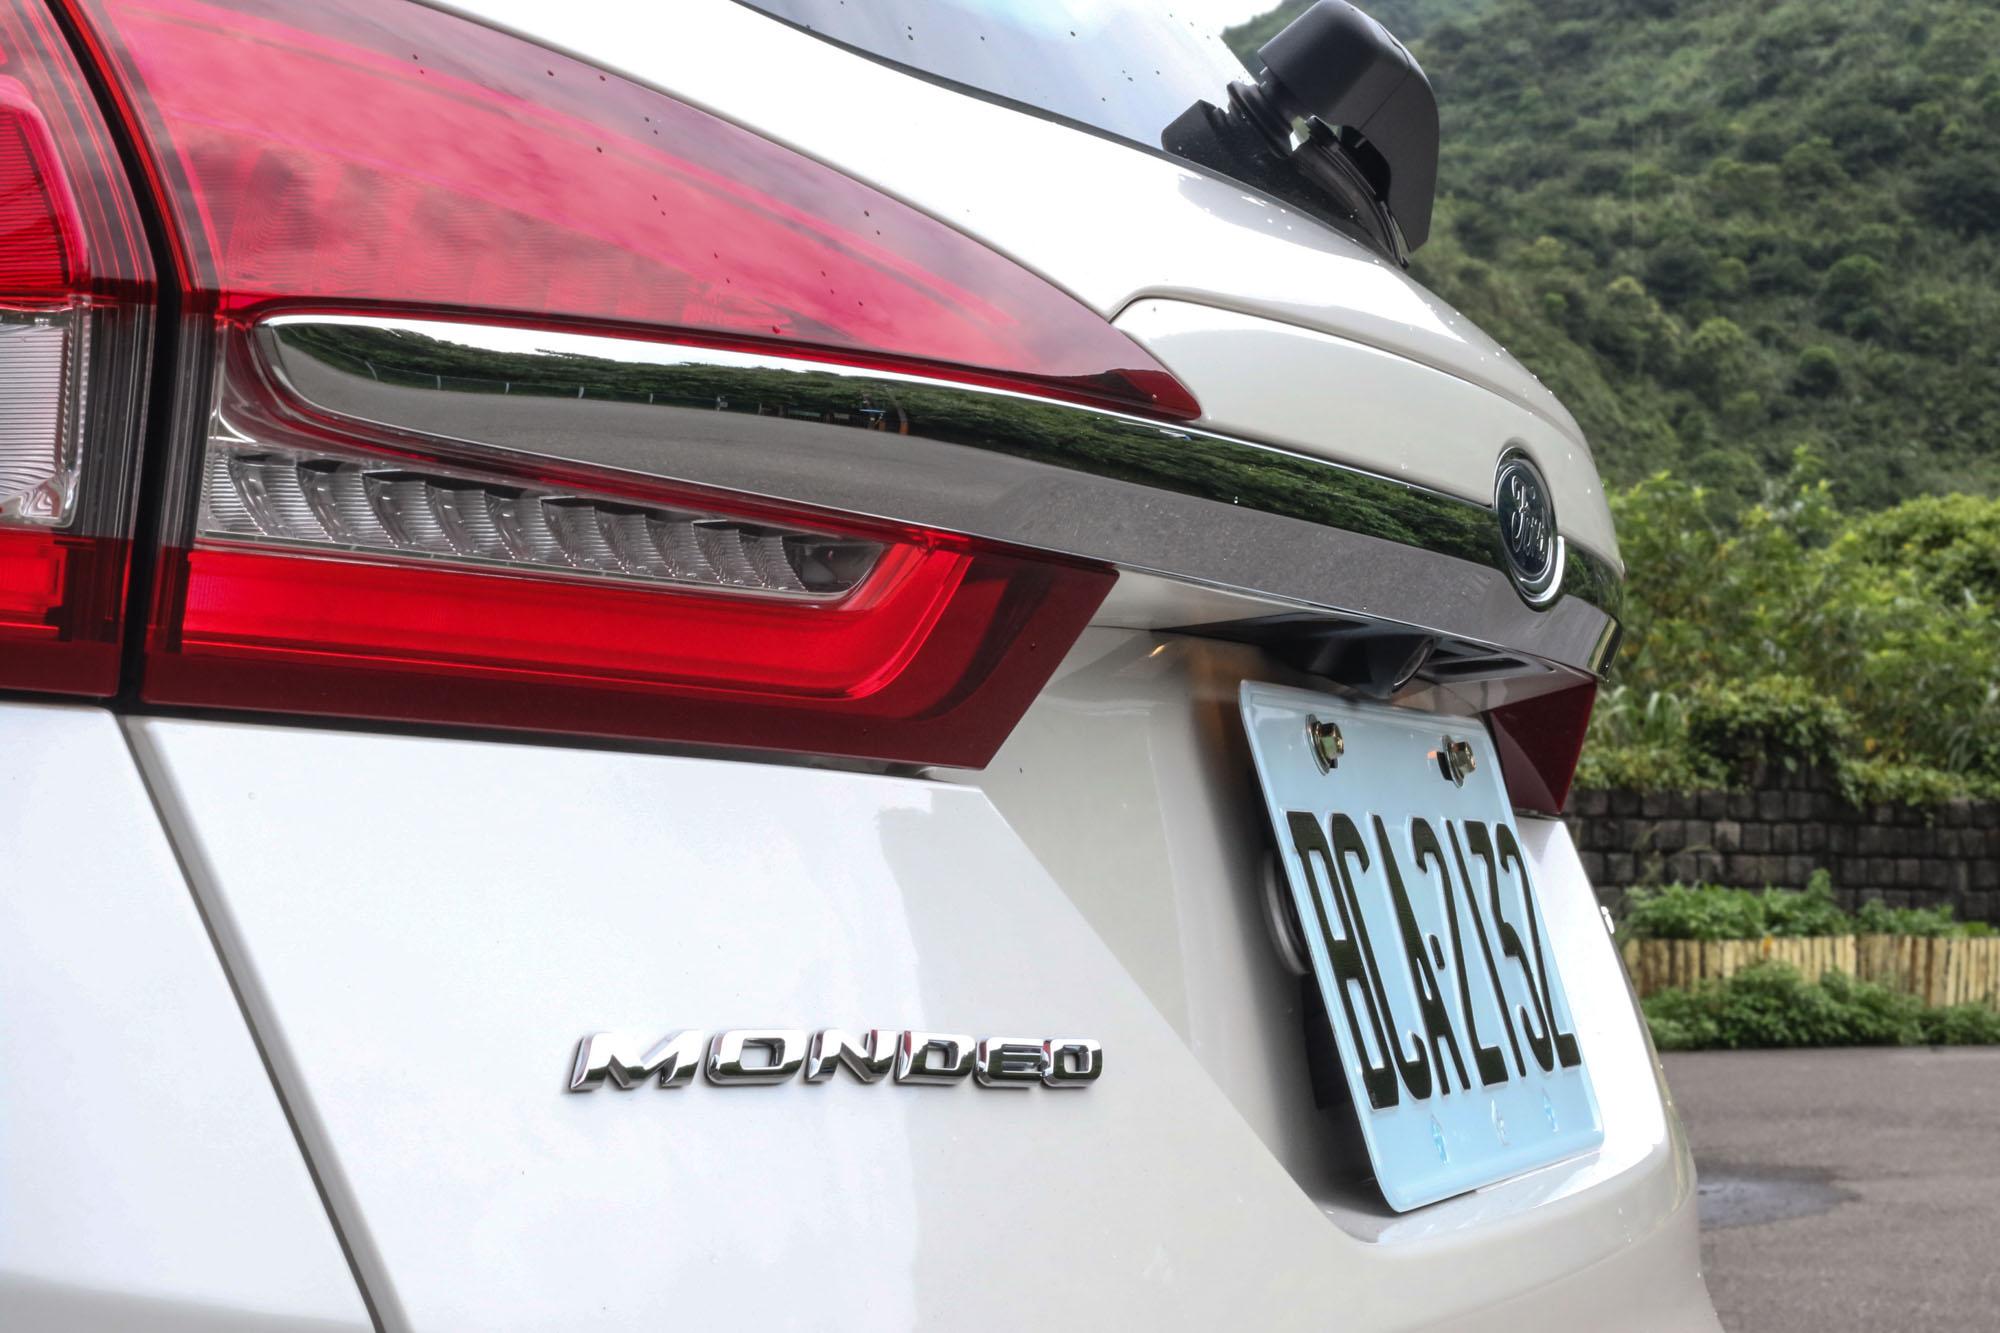 車尾採用時下流行的鍍鉻橫條,串連兩側的 LED 尾燈組。